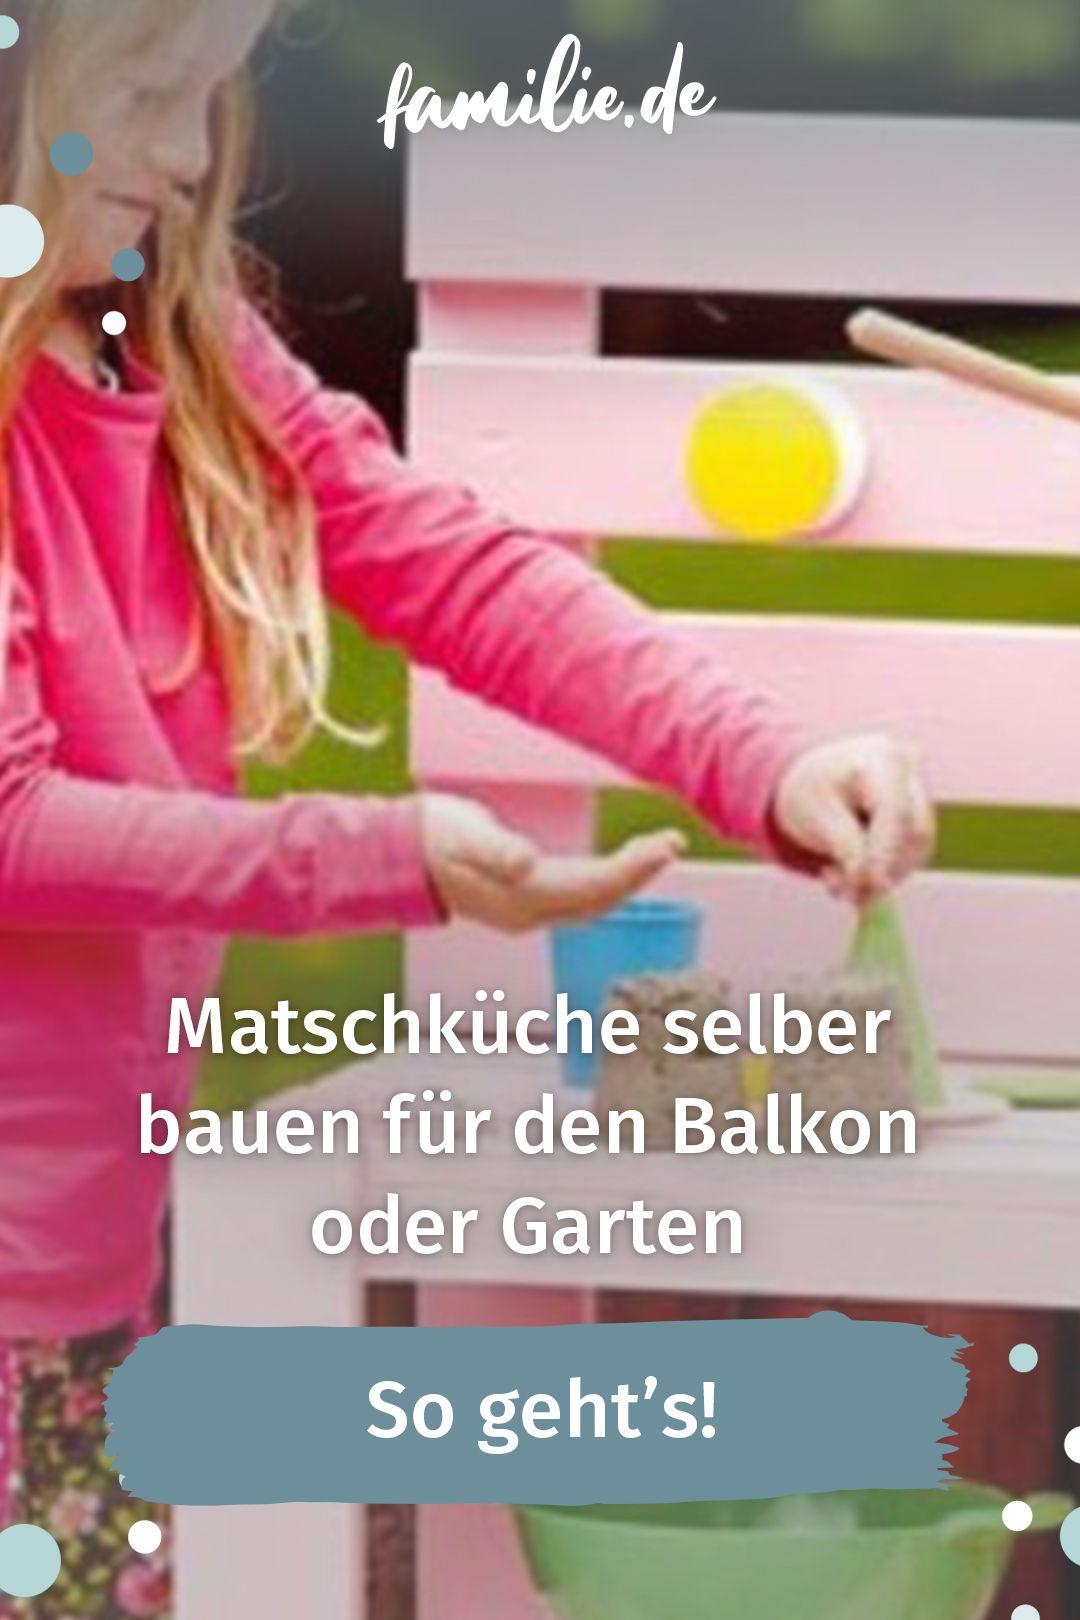 Matschkuche Selber Bauen Fur Den Balkon Oder Garten Familie De In 2021 Selber Bauen Grune Ideen Familienleben